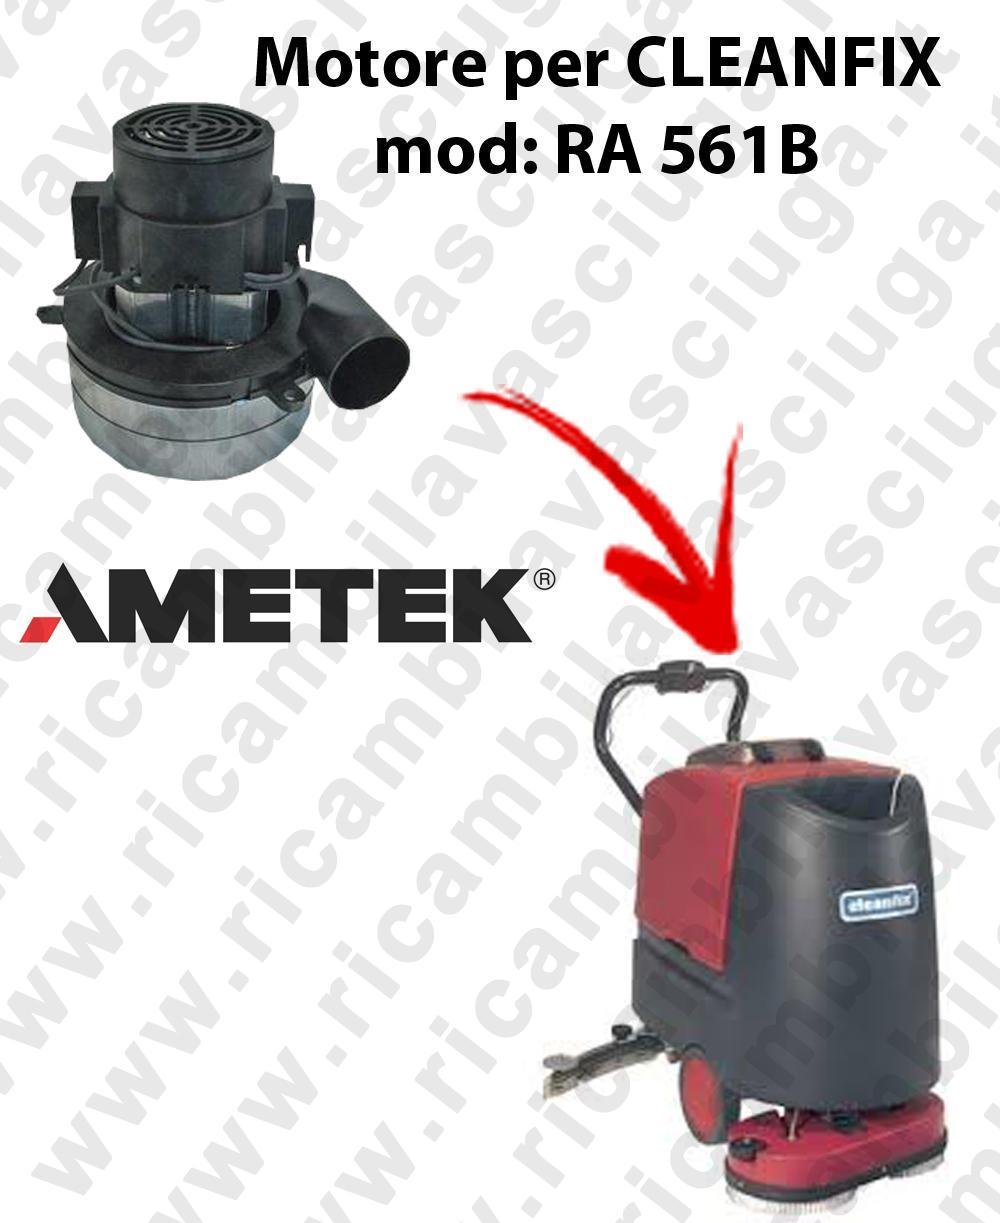 RA 561B Motore de aspiración Ametek Italia  para fregadora CLEANFIX